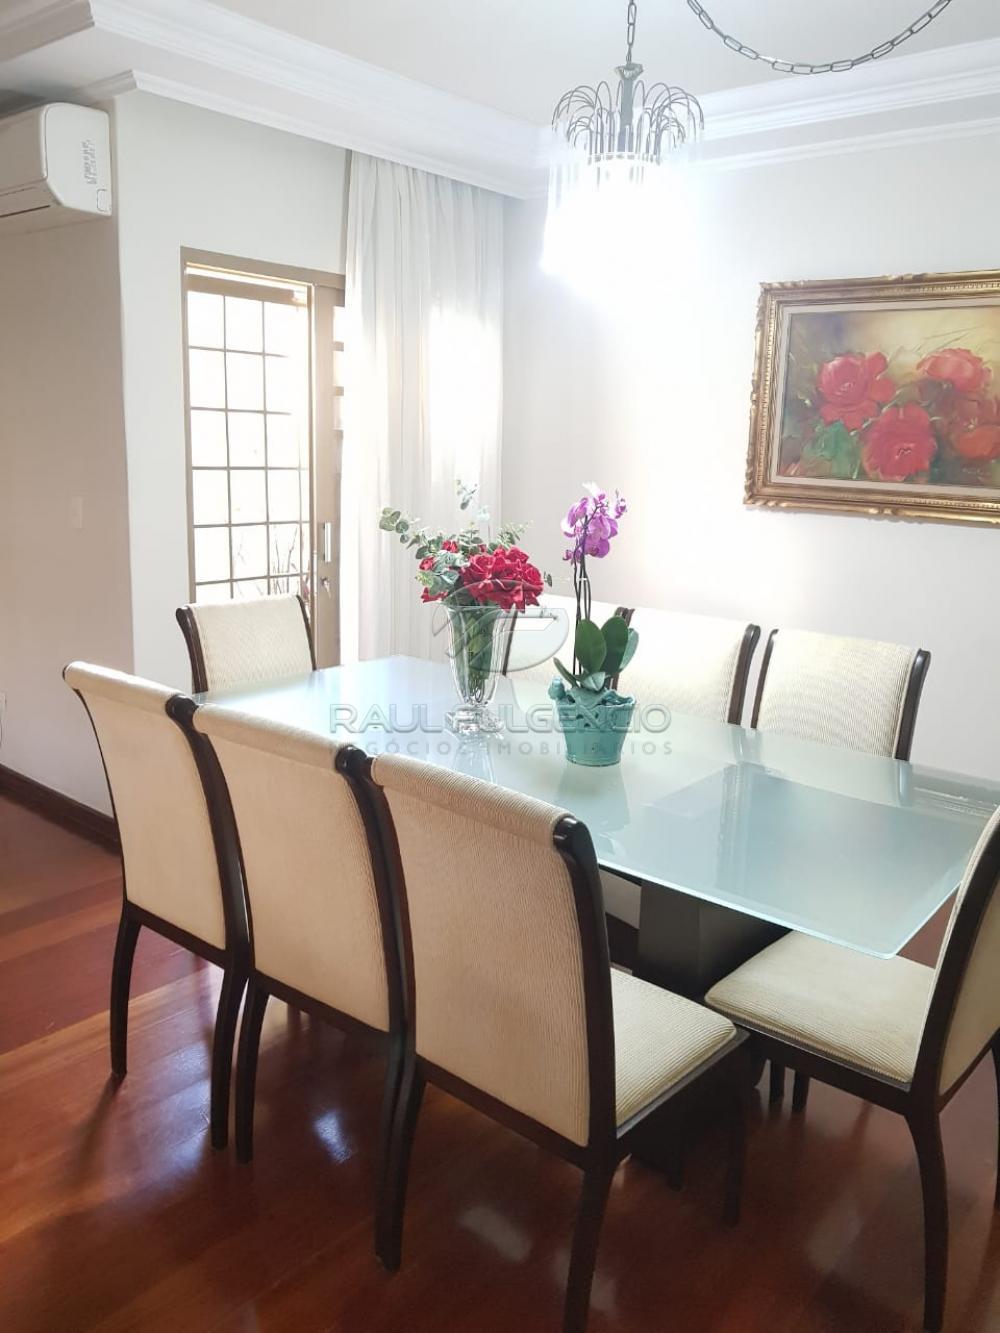 Comprar Casa / Térrea em Londrina apenas R$ 595.000,00 - Foto 3